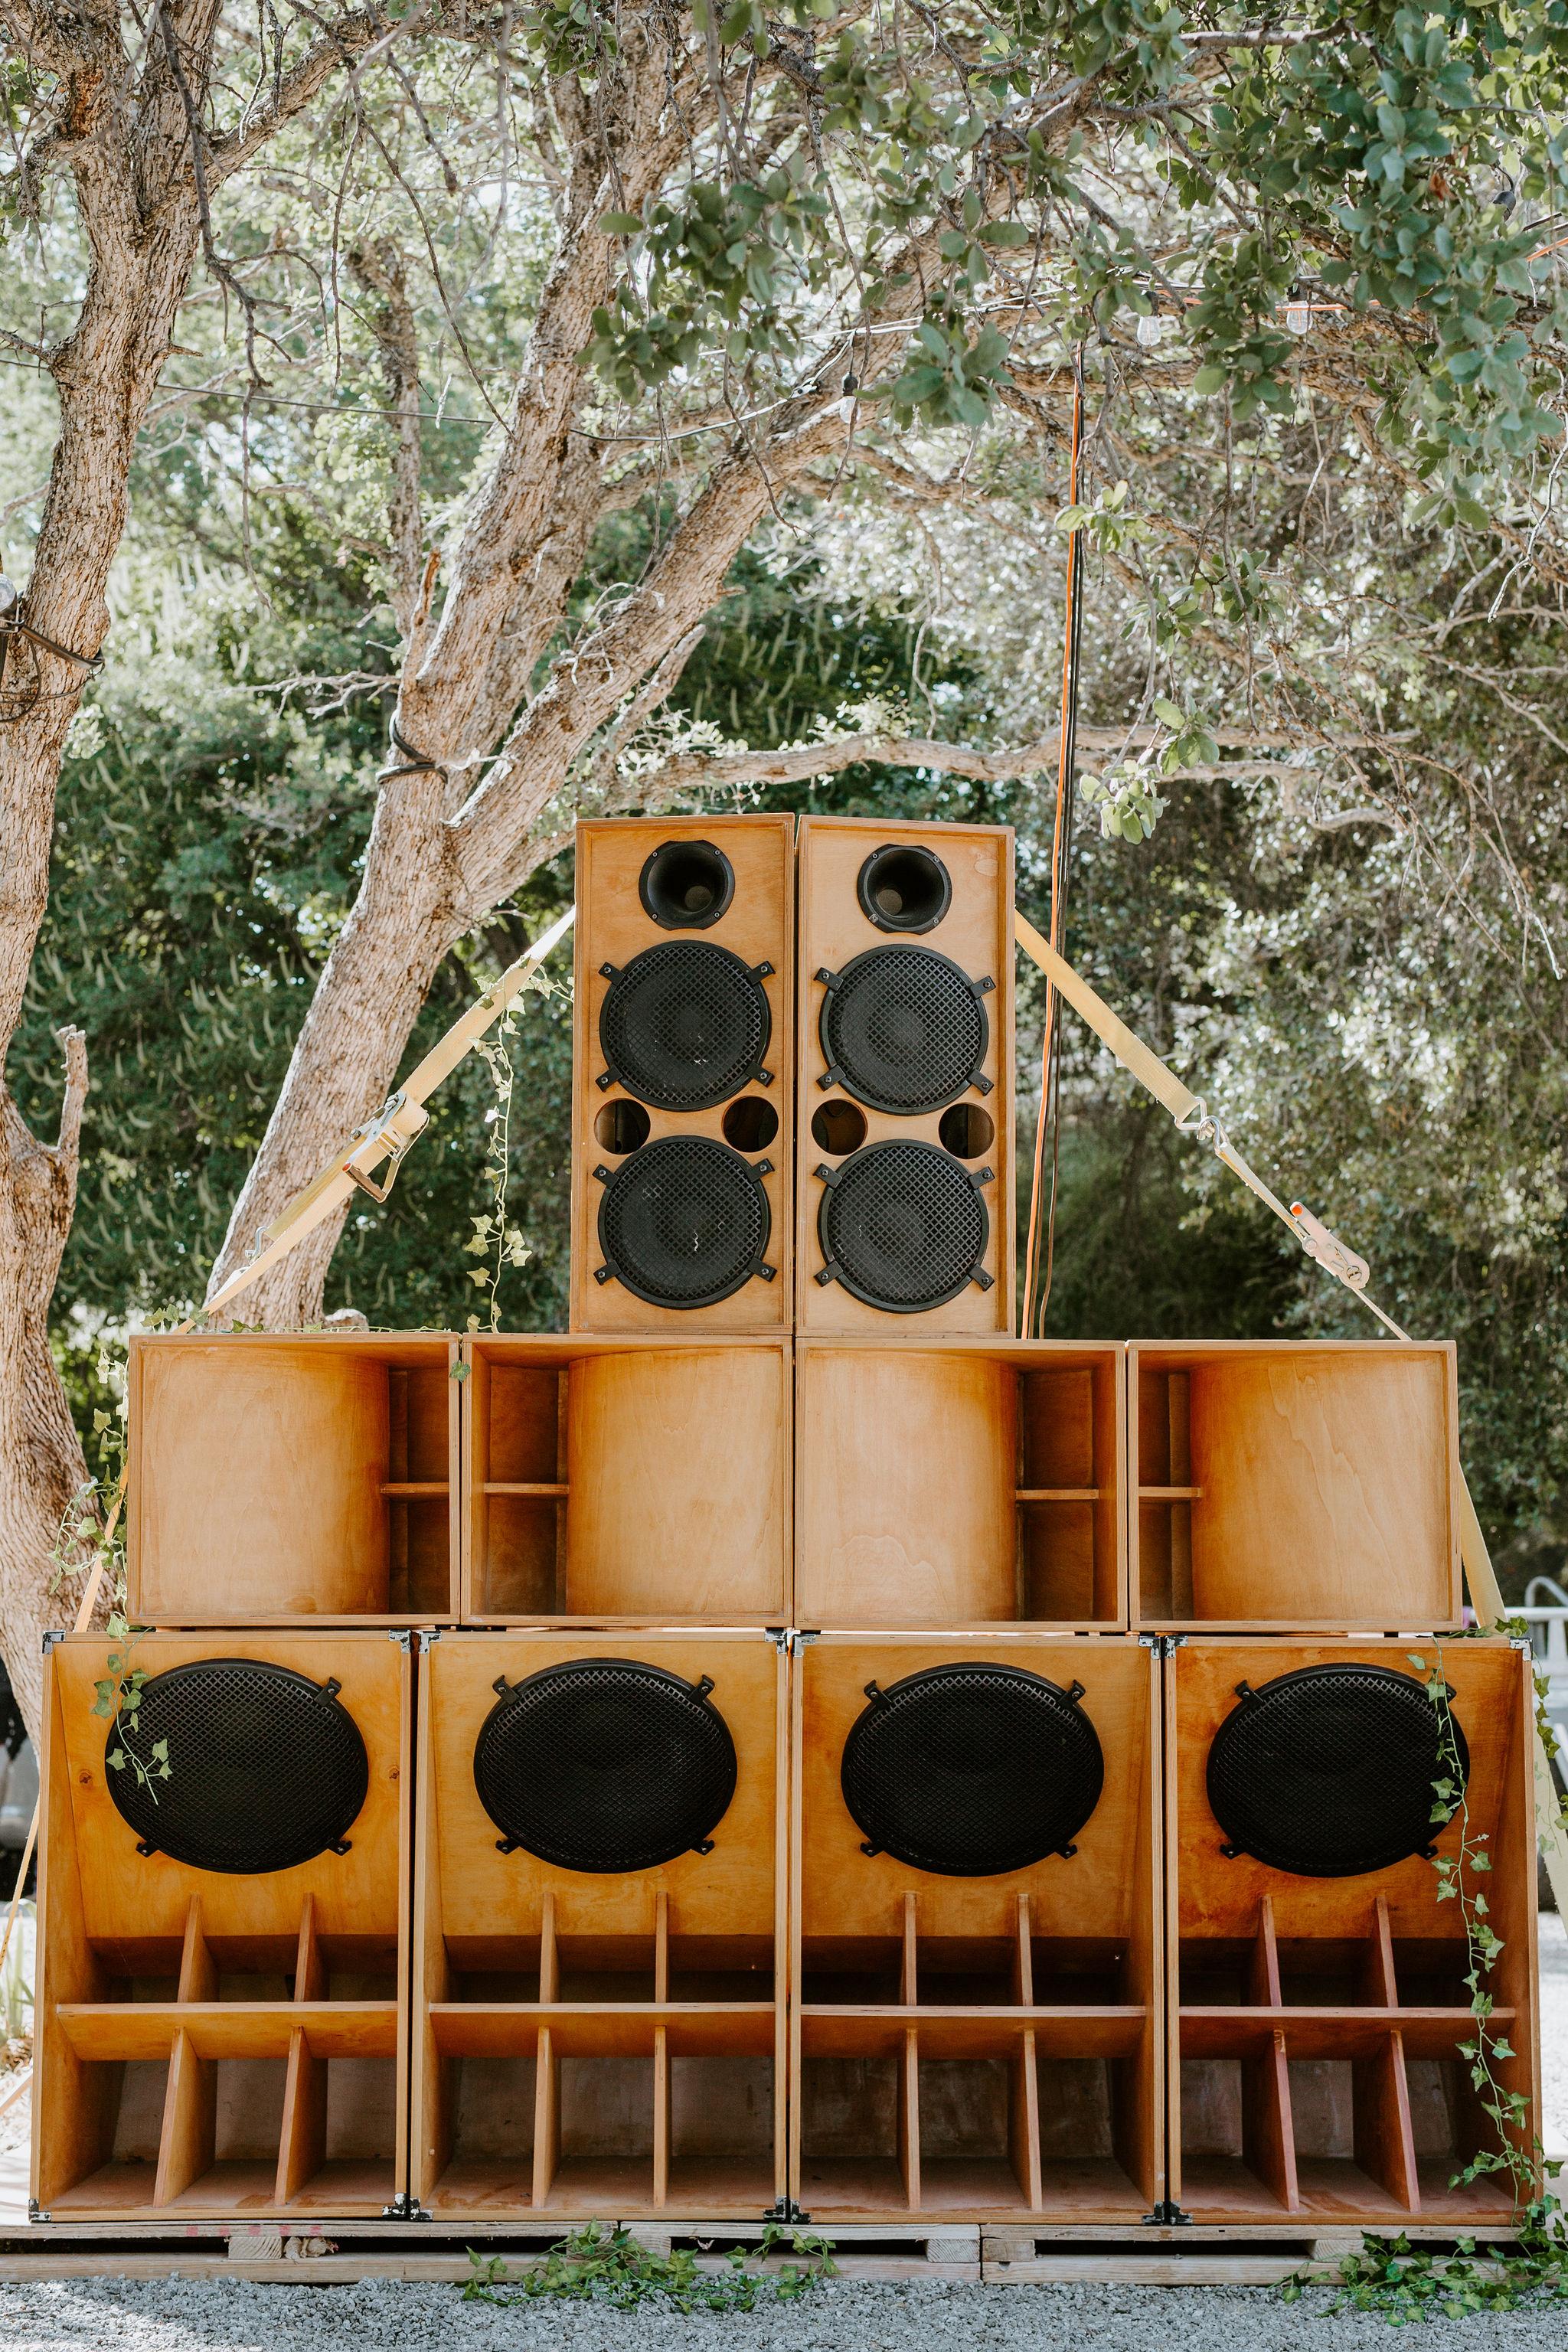 RedwoodRanch_Geoff&LyndsiPhotography_Mike&Amanda_GettingReady36.jpg